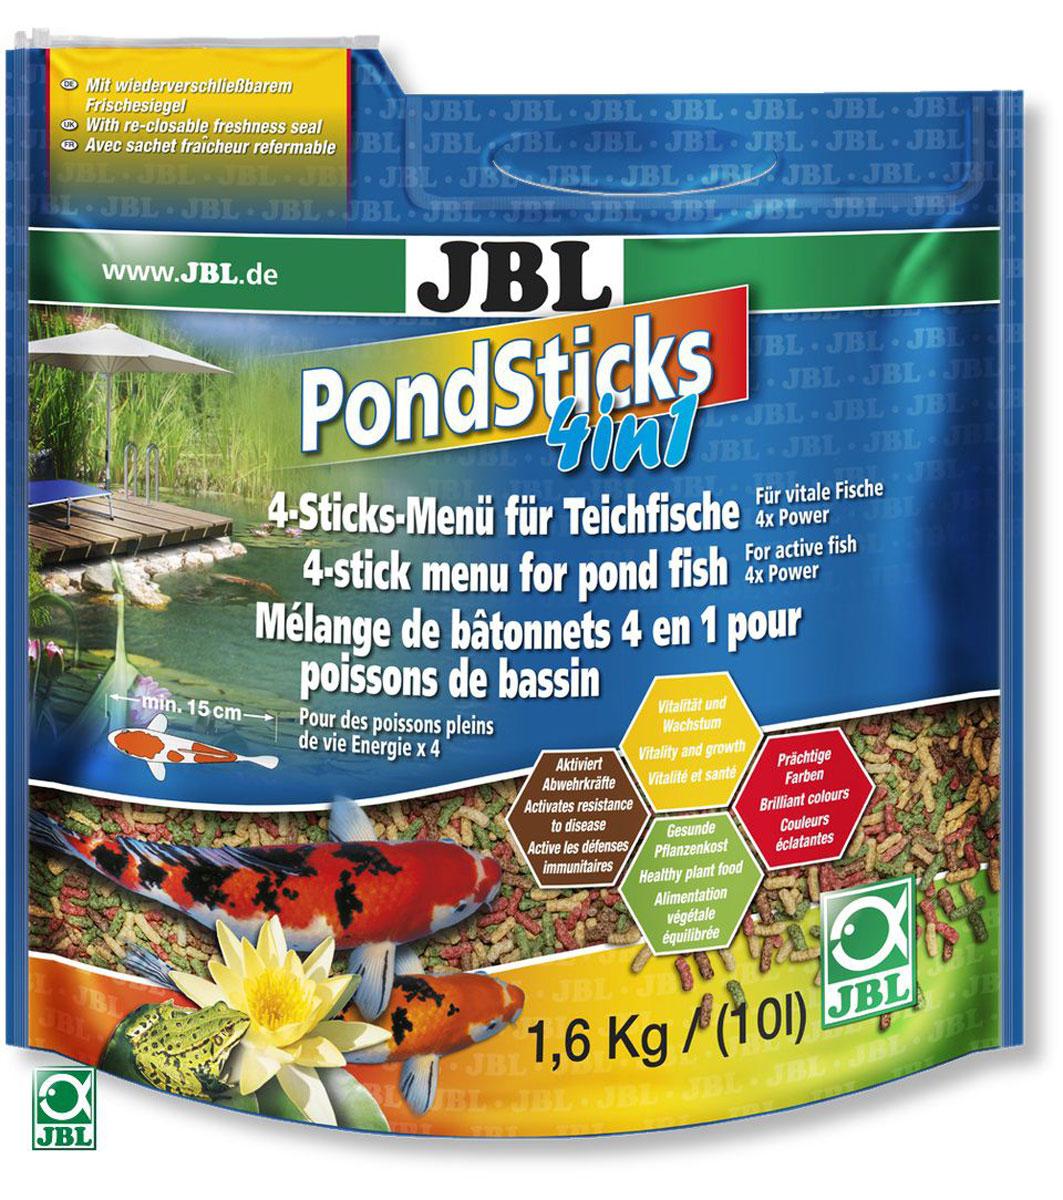 Корм JBL Pond Sticks 4in1 для всех прудовых рыб, в форме палочек, 1,6 кг (10 л)0120710Корм JBL Pond Sticks 4in1 - это комплексное питание для всех прудовых рыб. Корм выполнен в виде палочек разного цвета:- красные - с каратиноидами и креветками для яркого окраса;- желтые - содержат зародыши пшеницы для энергии и роста;- черные - содержат B-глюкан, активирующий иммунитет;- зеленые - растительные, со специальными ингредиентами.Корм подходит для всех прудовых рыб размером от 15 см.Рекомендации по кормлению: при температуре воды 10°С кормить 1-2 раза в день в таком объеме, который может быть съеден в течение 10 минут. Состав: злаки, моллюски и ракообразные, овощи, водоросли, рыба и рыбные побочные продукты. Анализ: белки 25%, жир 4,5%, клетчатка 4%, зола 9%. Содержание витаминов на 1 кг: Витамин А 25000 I.E., Витамин D3 2000 I.E., Витамин Е 300 мг, Витамин C (стабильный) 200 мг. Товар сертифицирован.